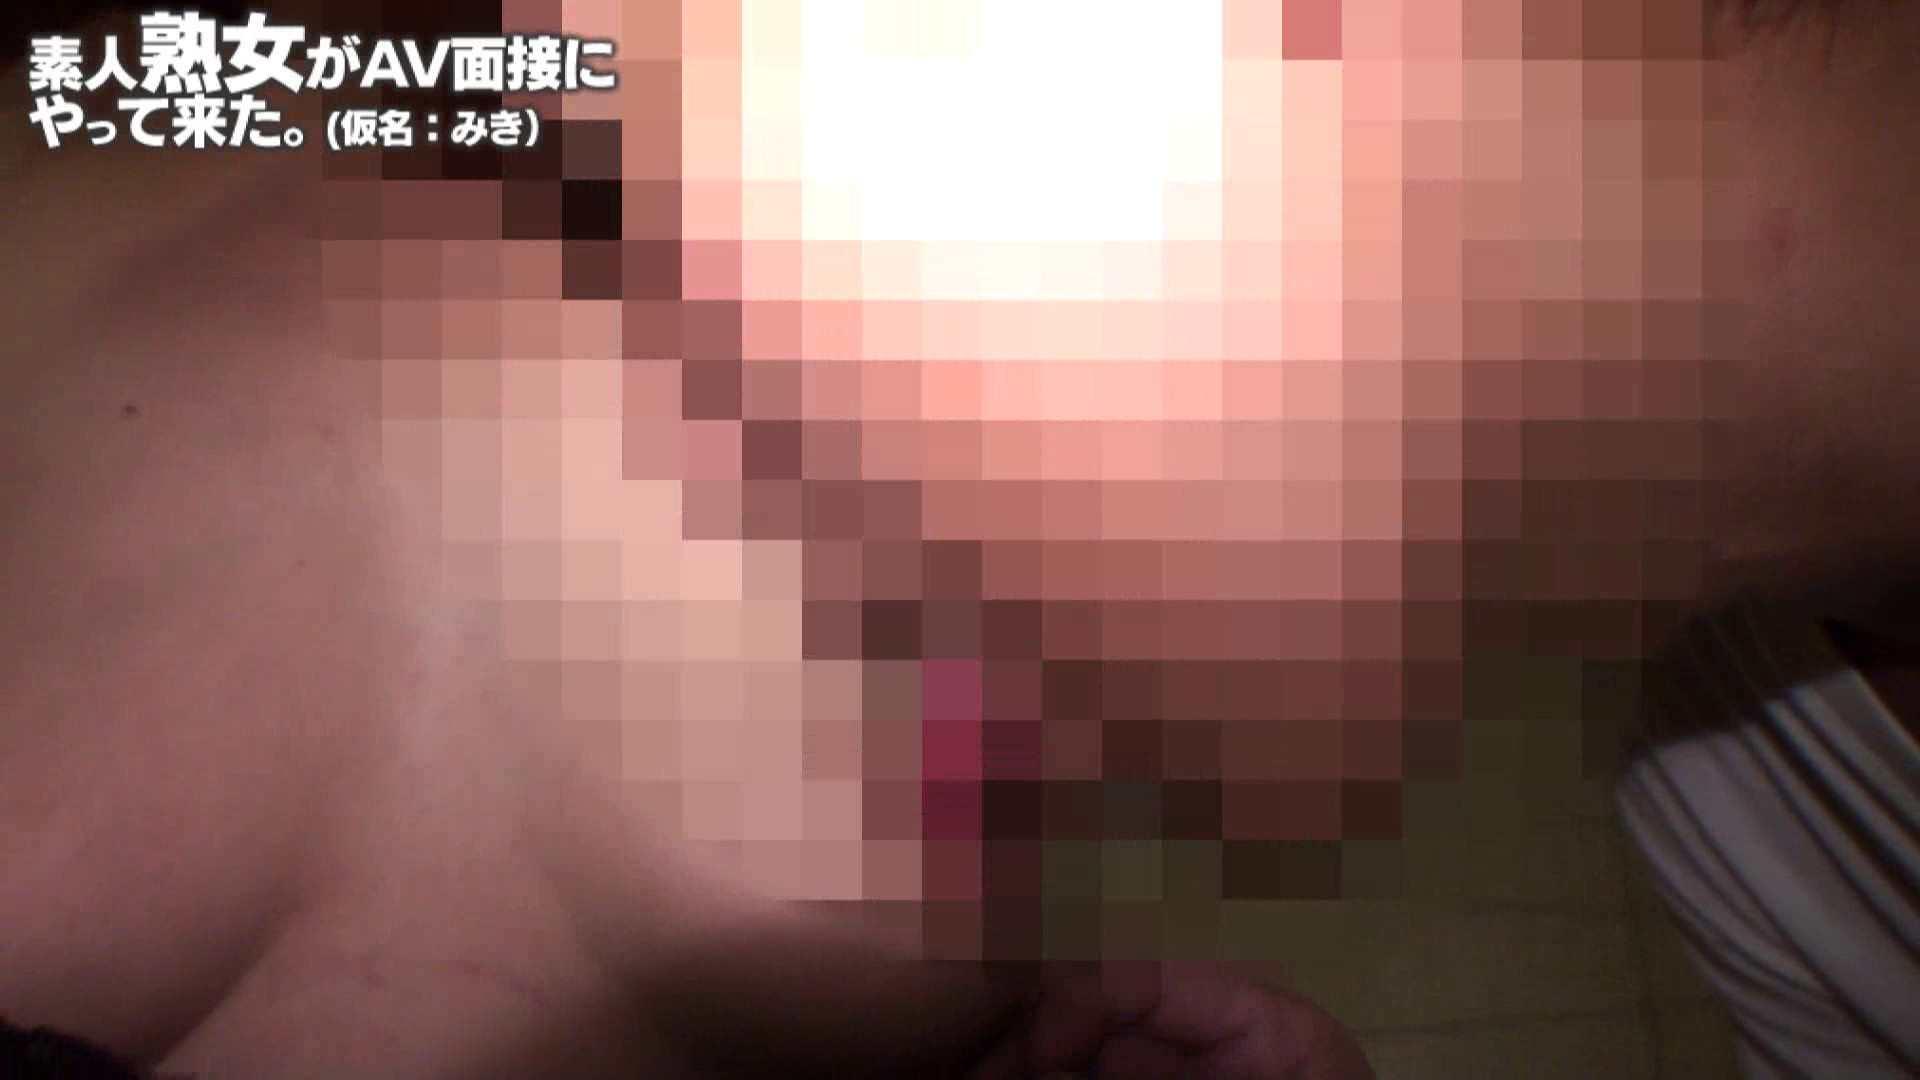 素人熟女がAV面接にやってきた (熟女)みきさんVOL.03 洗面所 のぞき動画キャプチャ 105pic 64